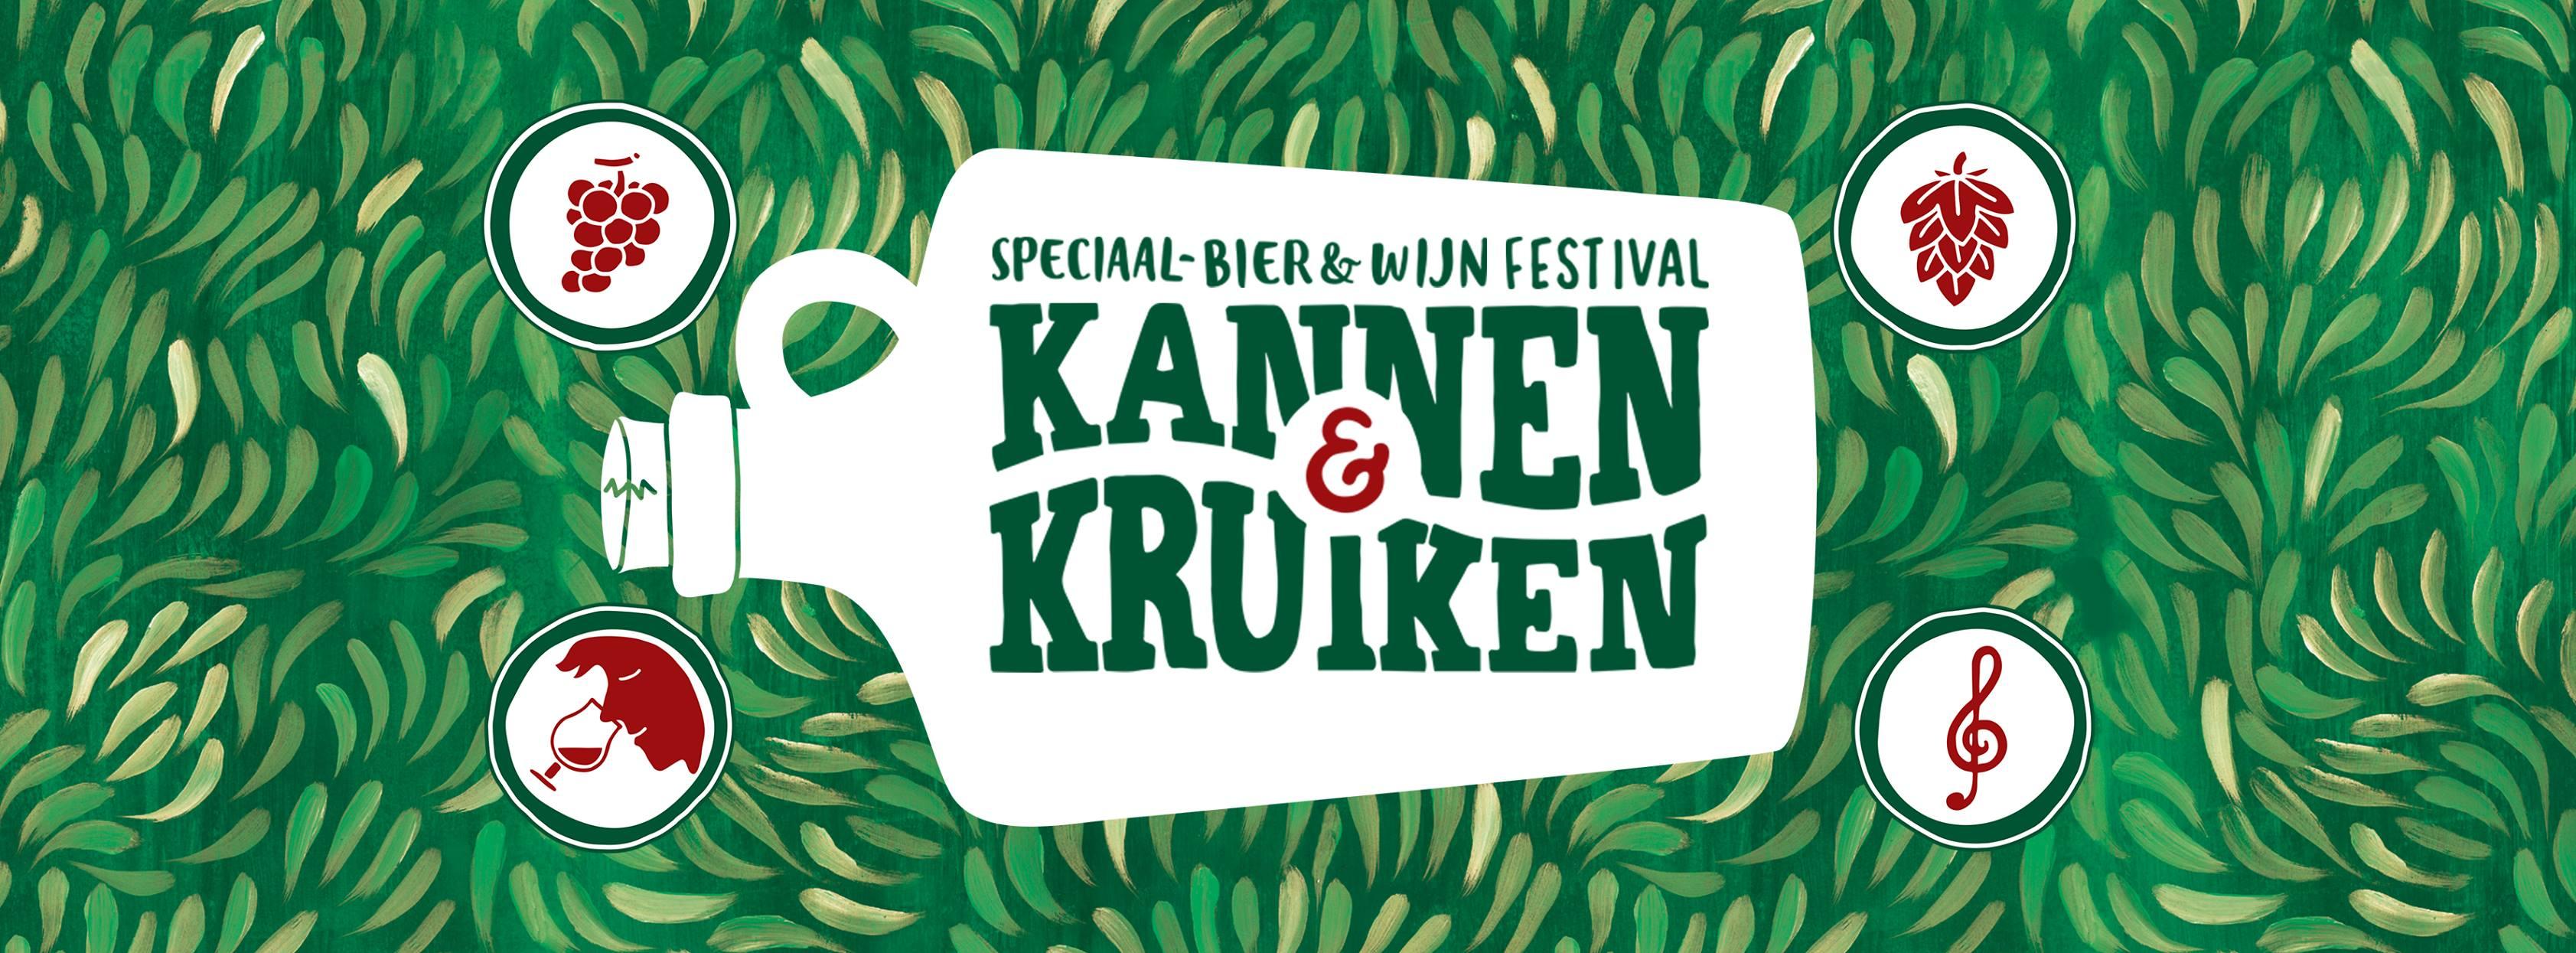 © Kannen & Kruiken